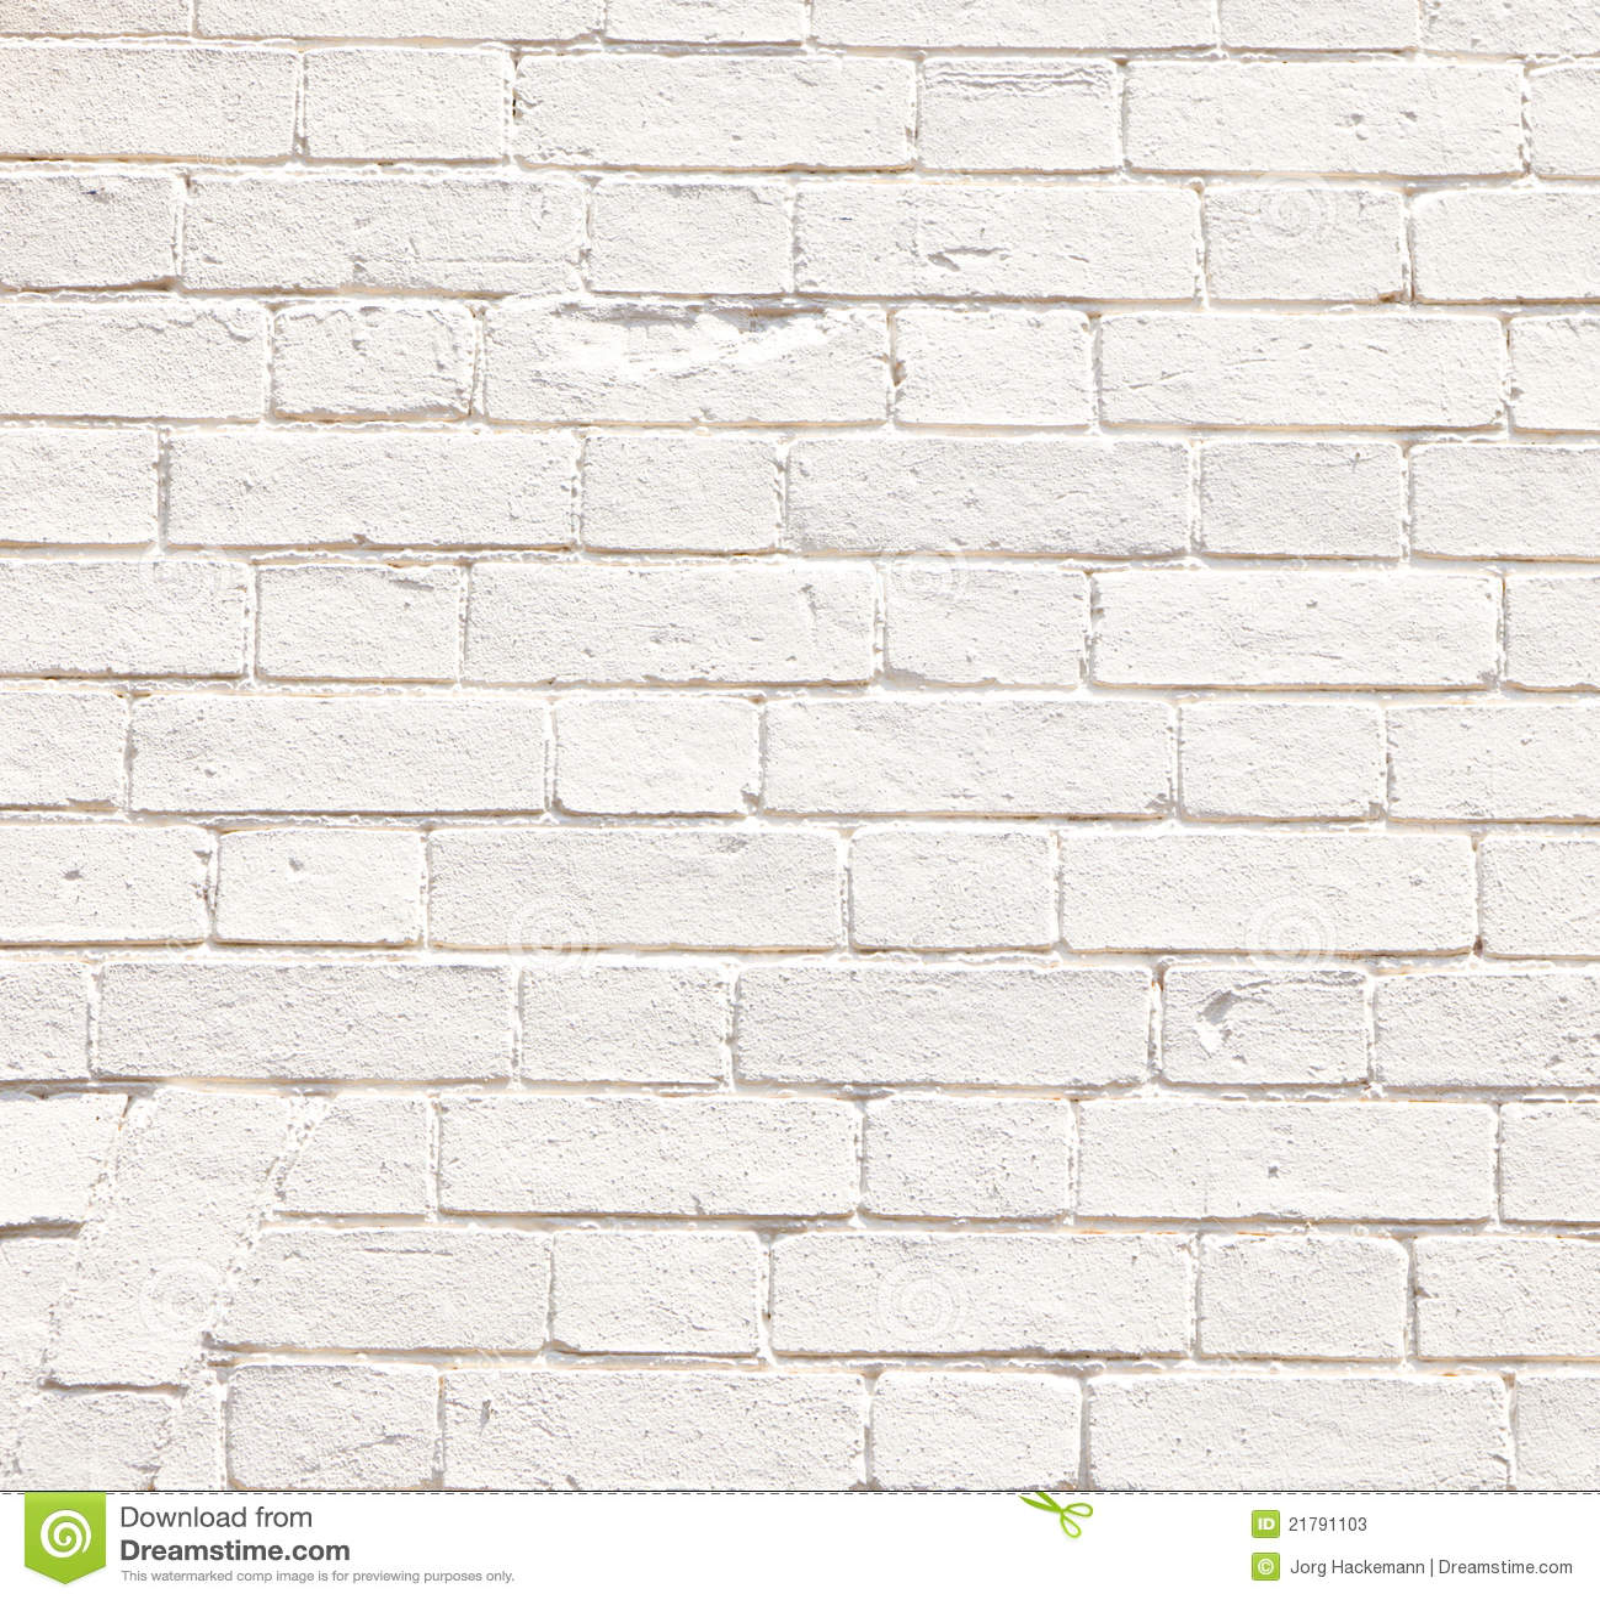 Paredes de ladrillo blancas viejas de casas hist ricas - Pared ladrillo blanco ...